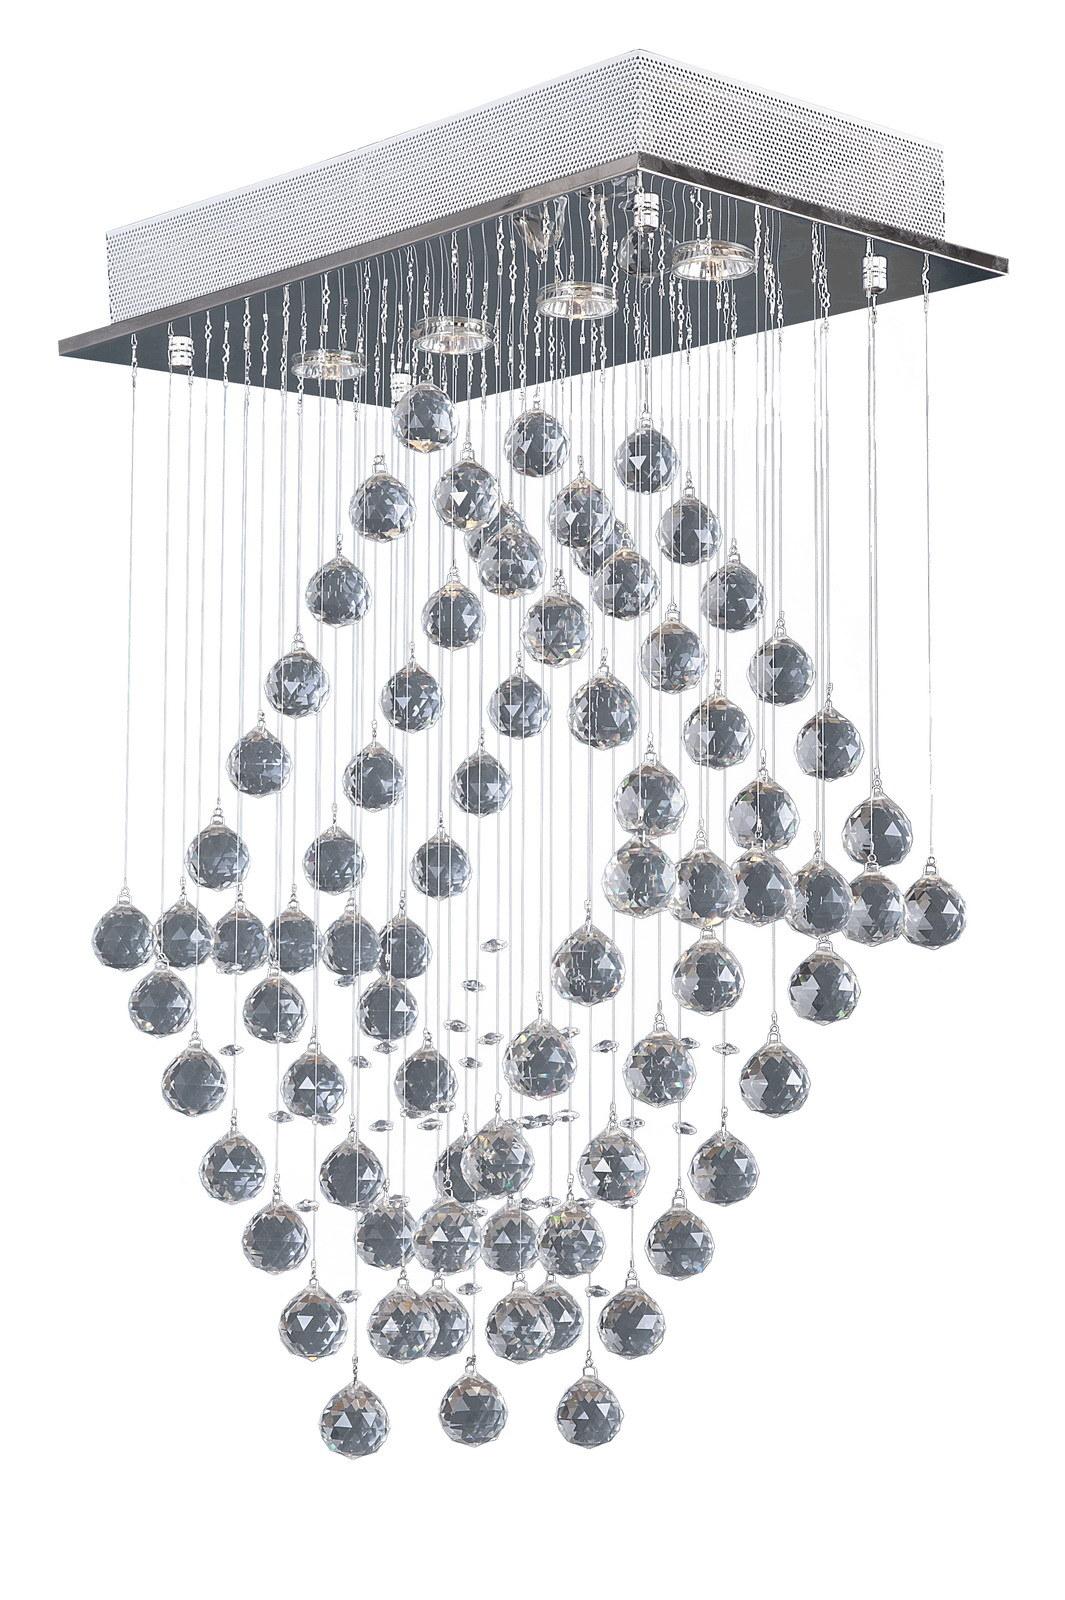 Люстра МАКСИСВЕТЛюстры<br>Назначение светильника: для гостиной,<br>Стиль светильника: каскад,<br>Тип: потолочная,<br>Материал светильника: металл, хрусталь,<br>Материал арматуры: металл,<br>Длина (мм): 500,<br>Ширина: 300,<br>Высота: 770,<br>Количество ламп: 4,<br>Тип лампы: галогенные и светодиодные,<br>Мощность: 50,<br>Патрон: GU10,<br>Пульт ДУ: нет,<br>Цвет арматуры: хром<br>